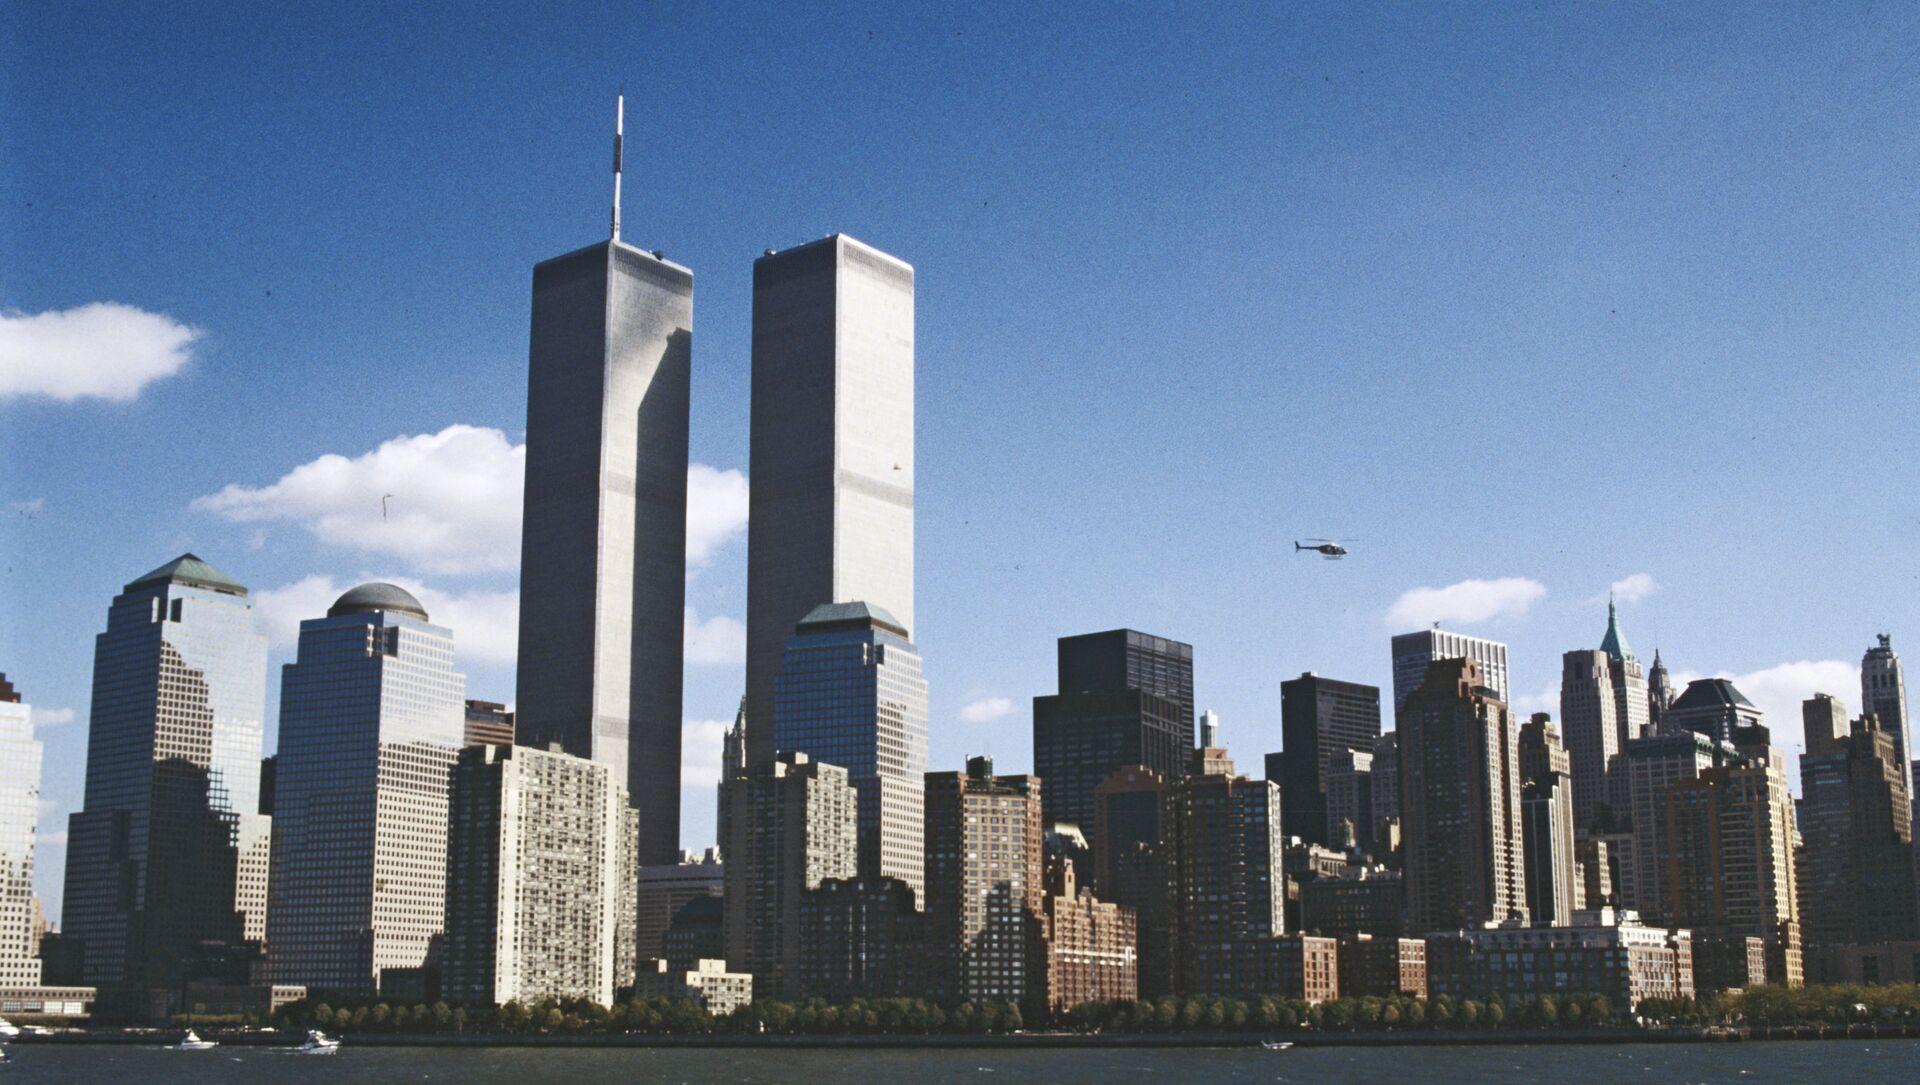 Les tours du World Trade Center de New York (archive photo) - Sputnik France, 1920, 03.09.2021